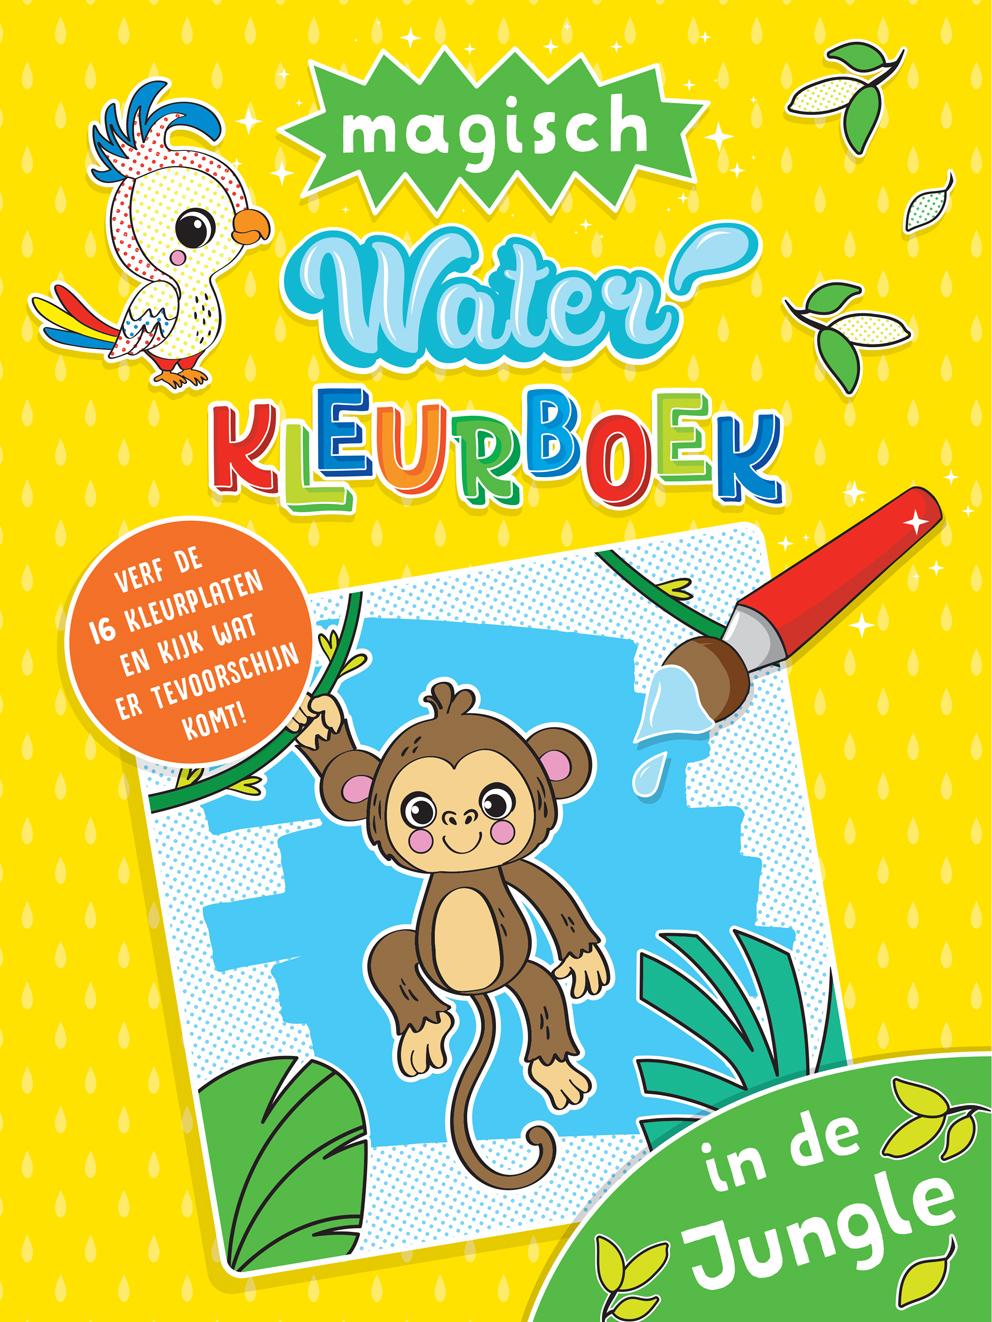 Waterkleurboek In de jungle